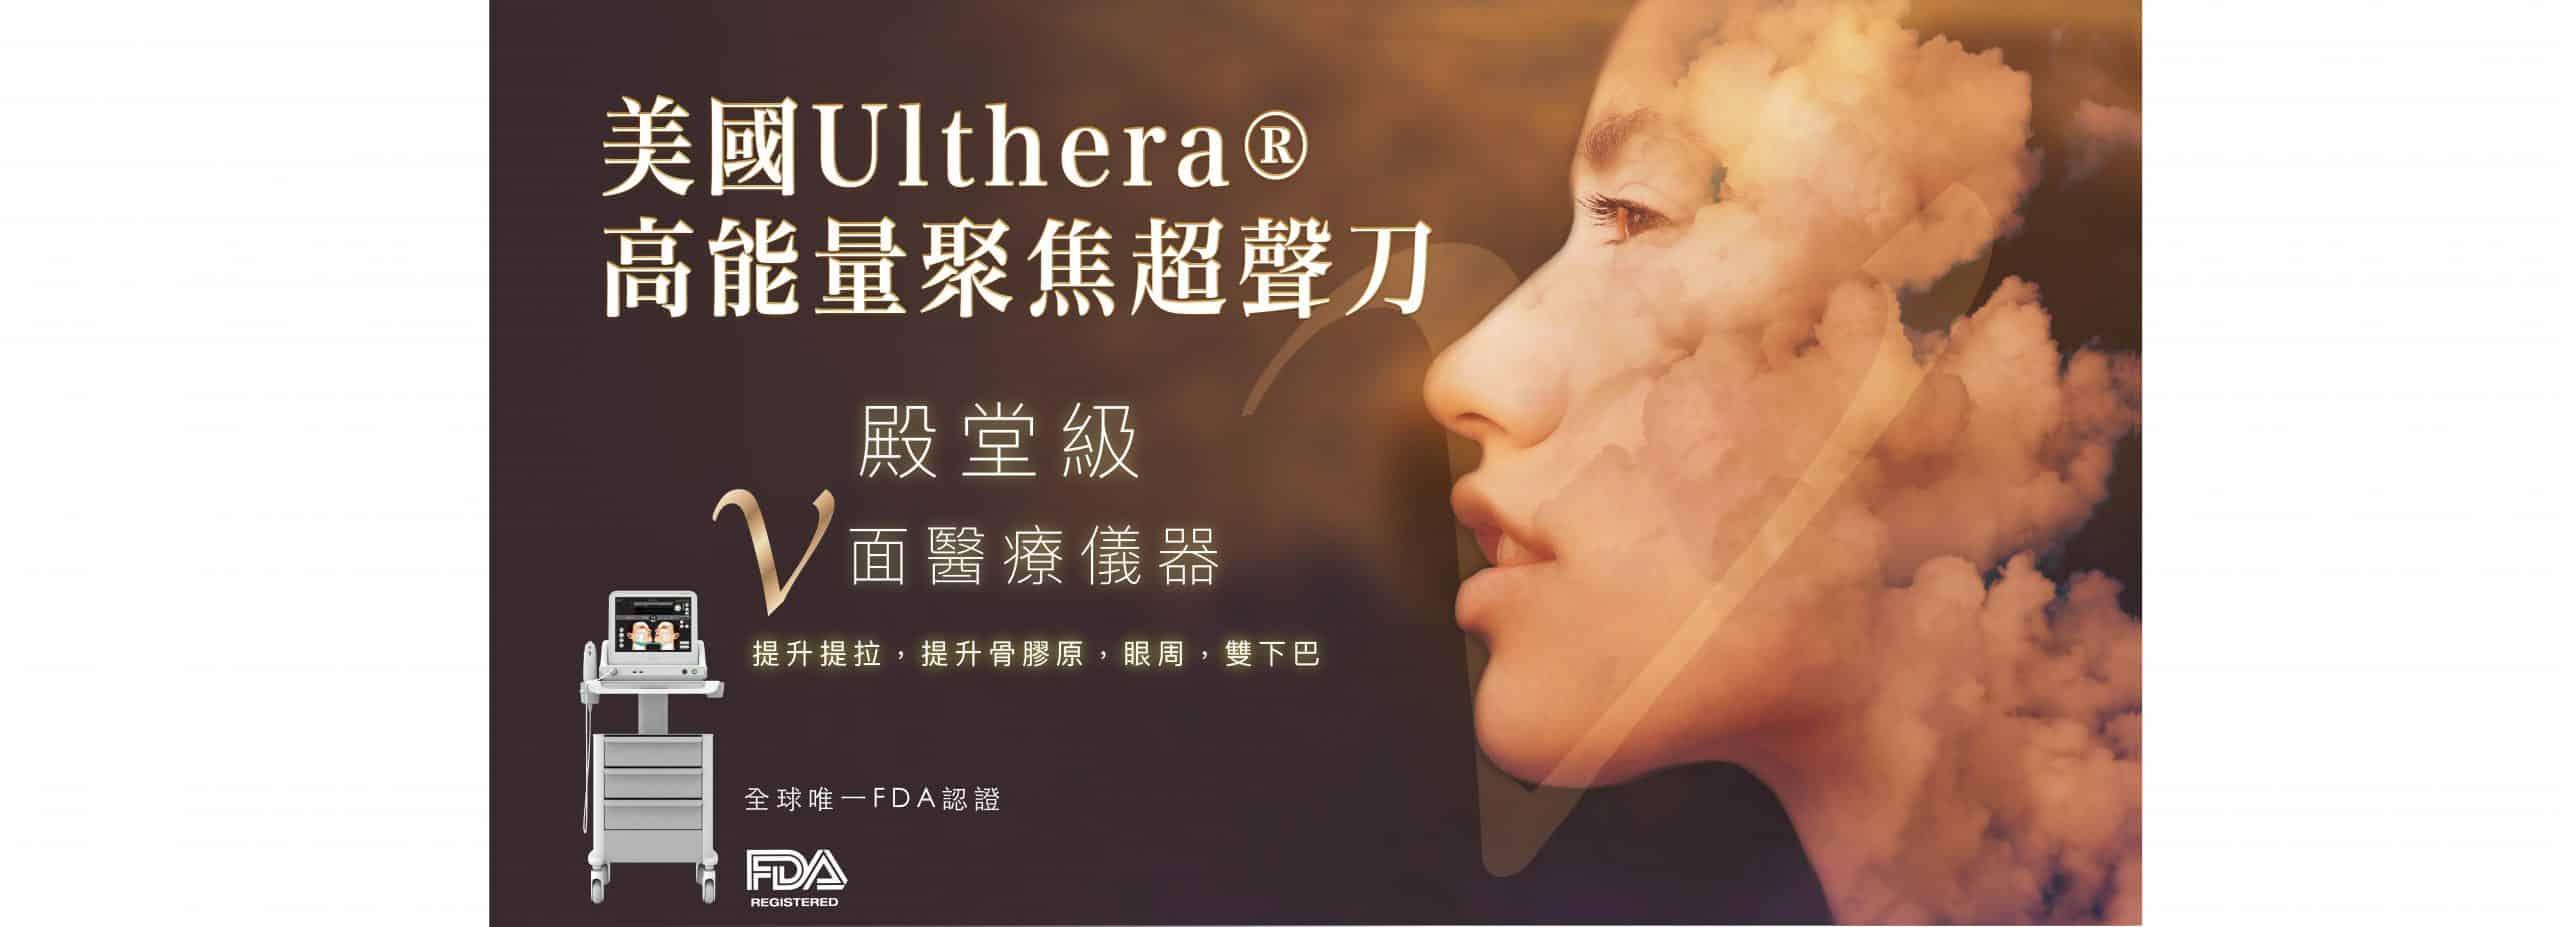 hifu Ulthera 11 scaled